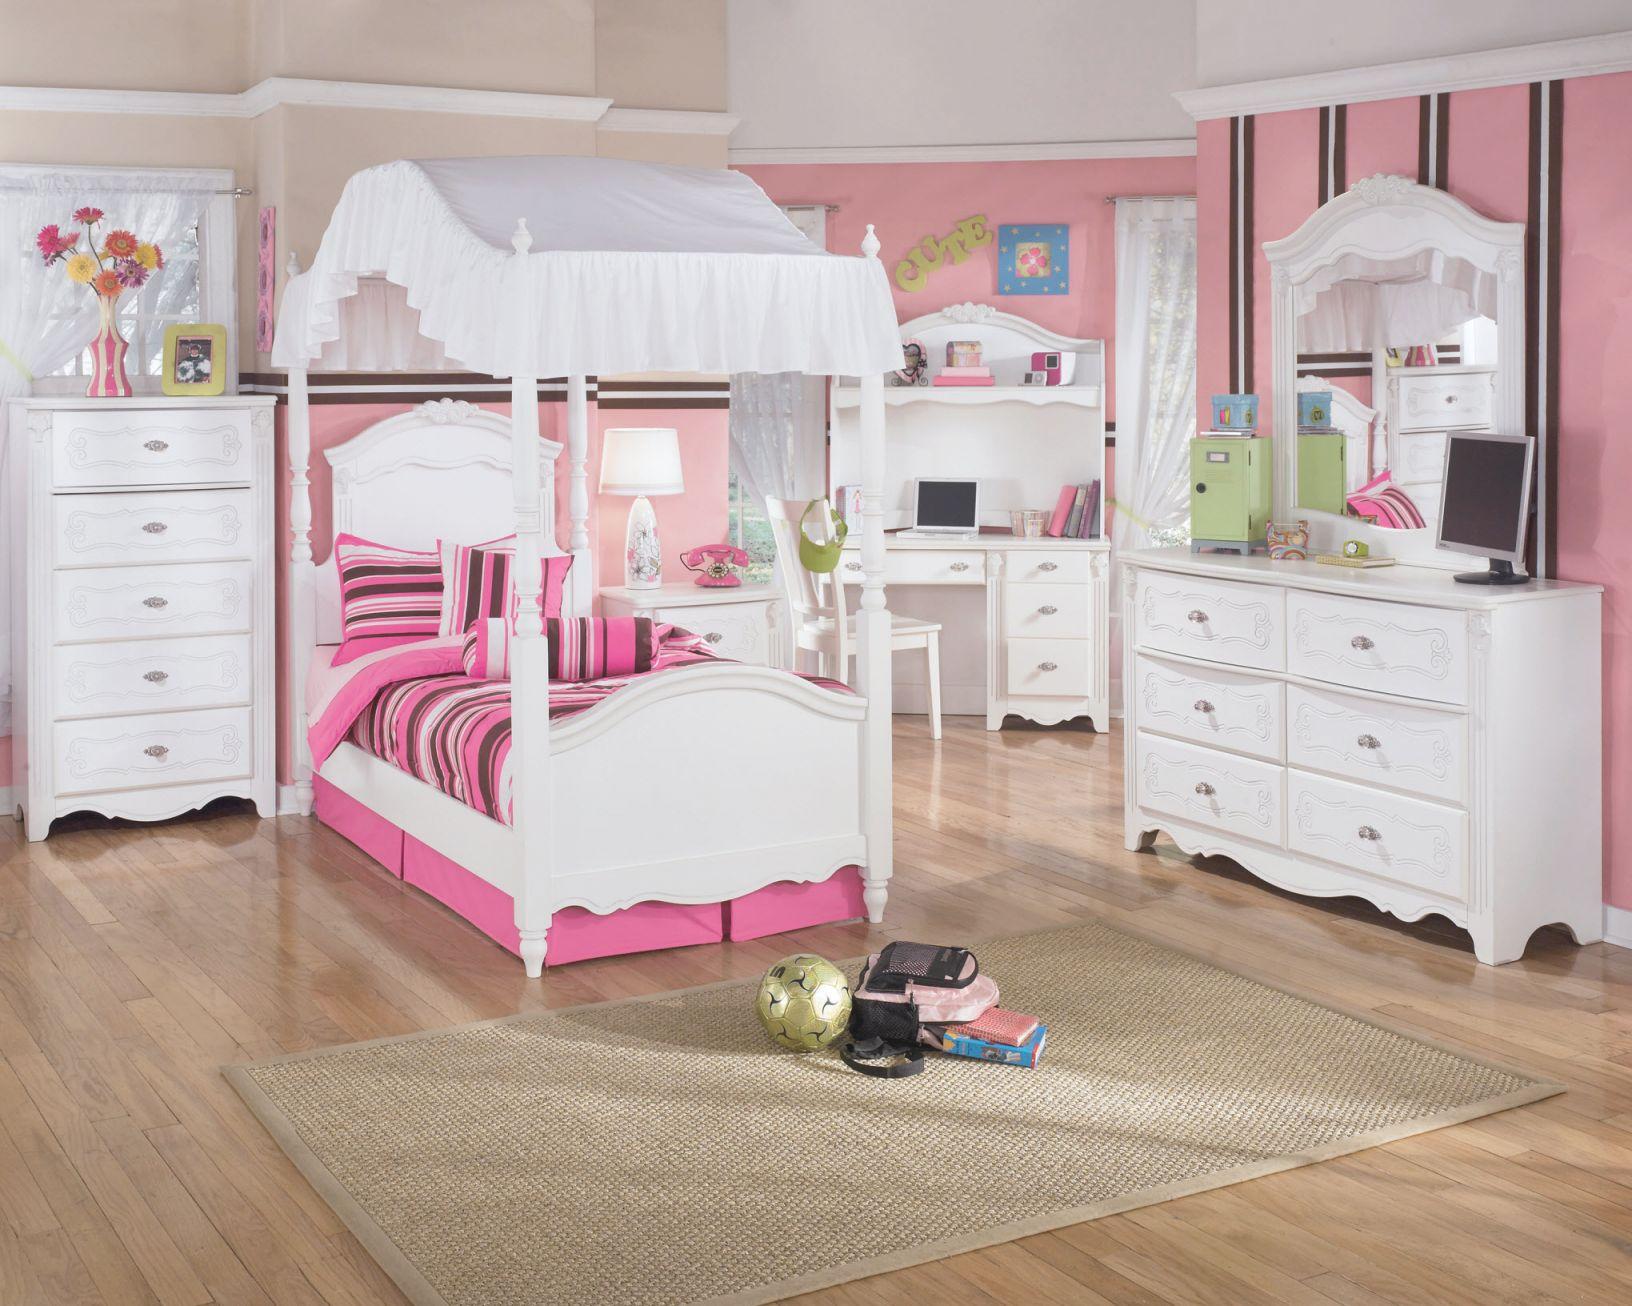 Kids Sets Decor Rooms Diy Toddler Bedroom Grey Teenage Top Intended For Unique Kids Bedroom Furniture Sets Awesome Decors